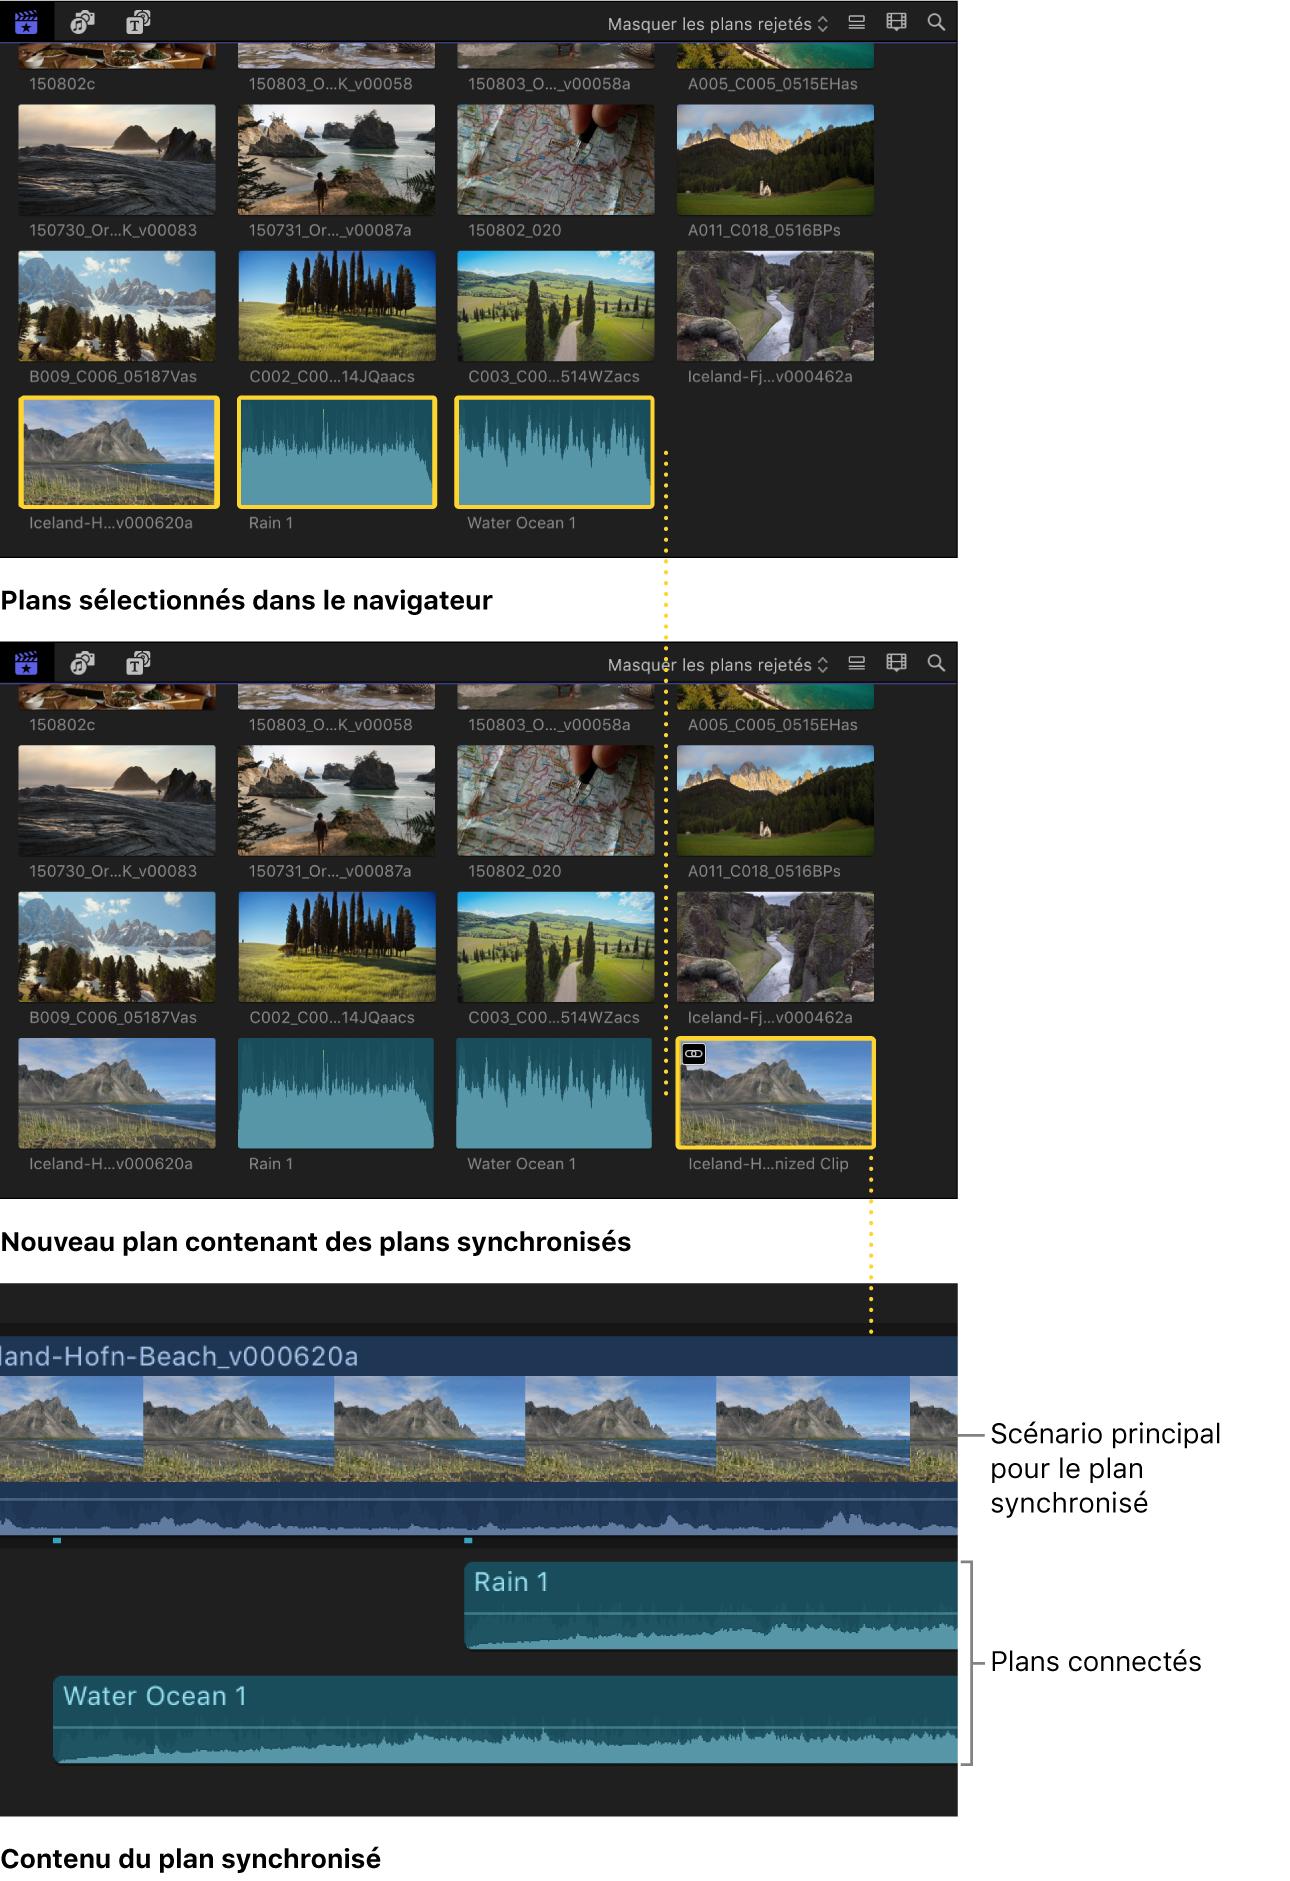 Plan synchronisé créé à partir des plans sélectionnés dans le navigateur